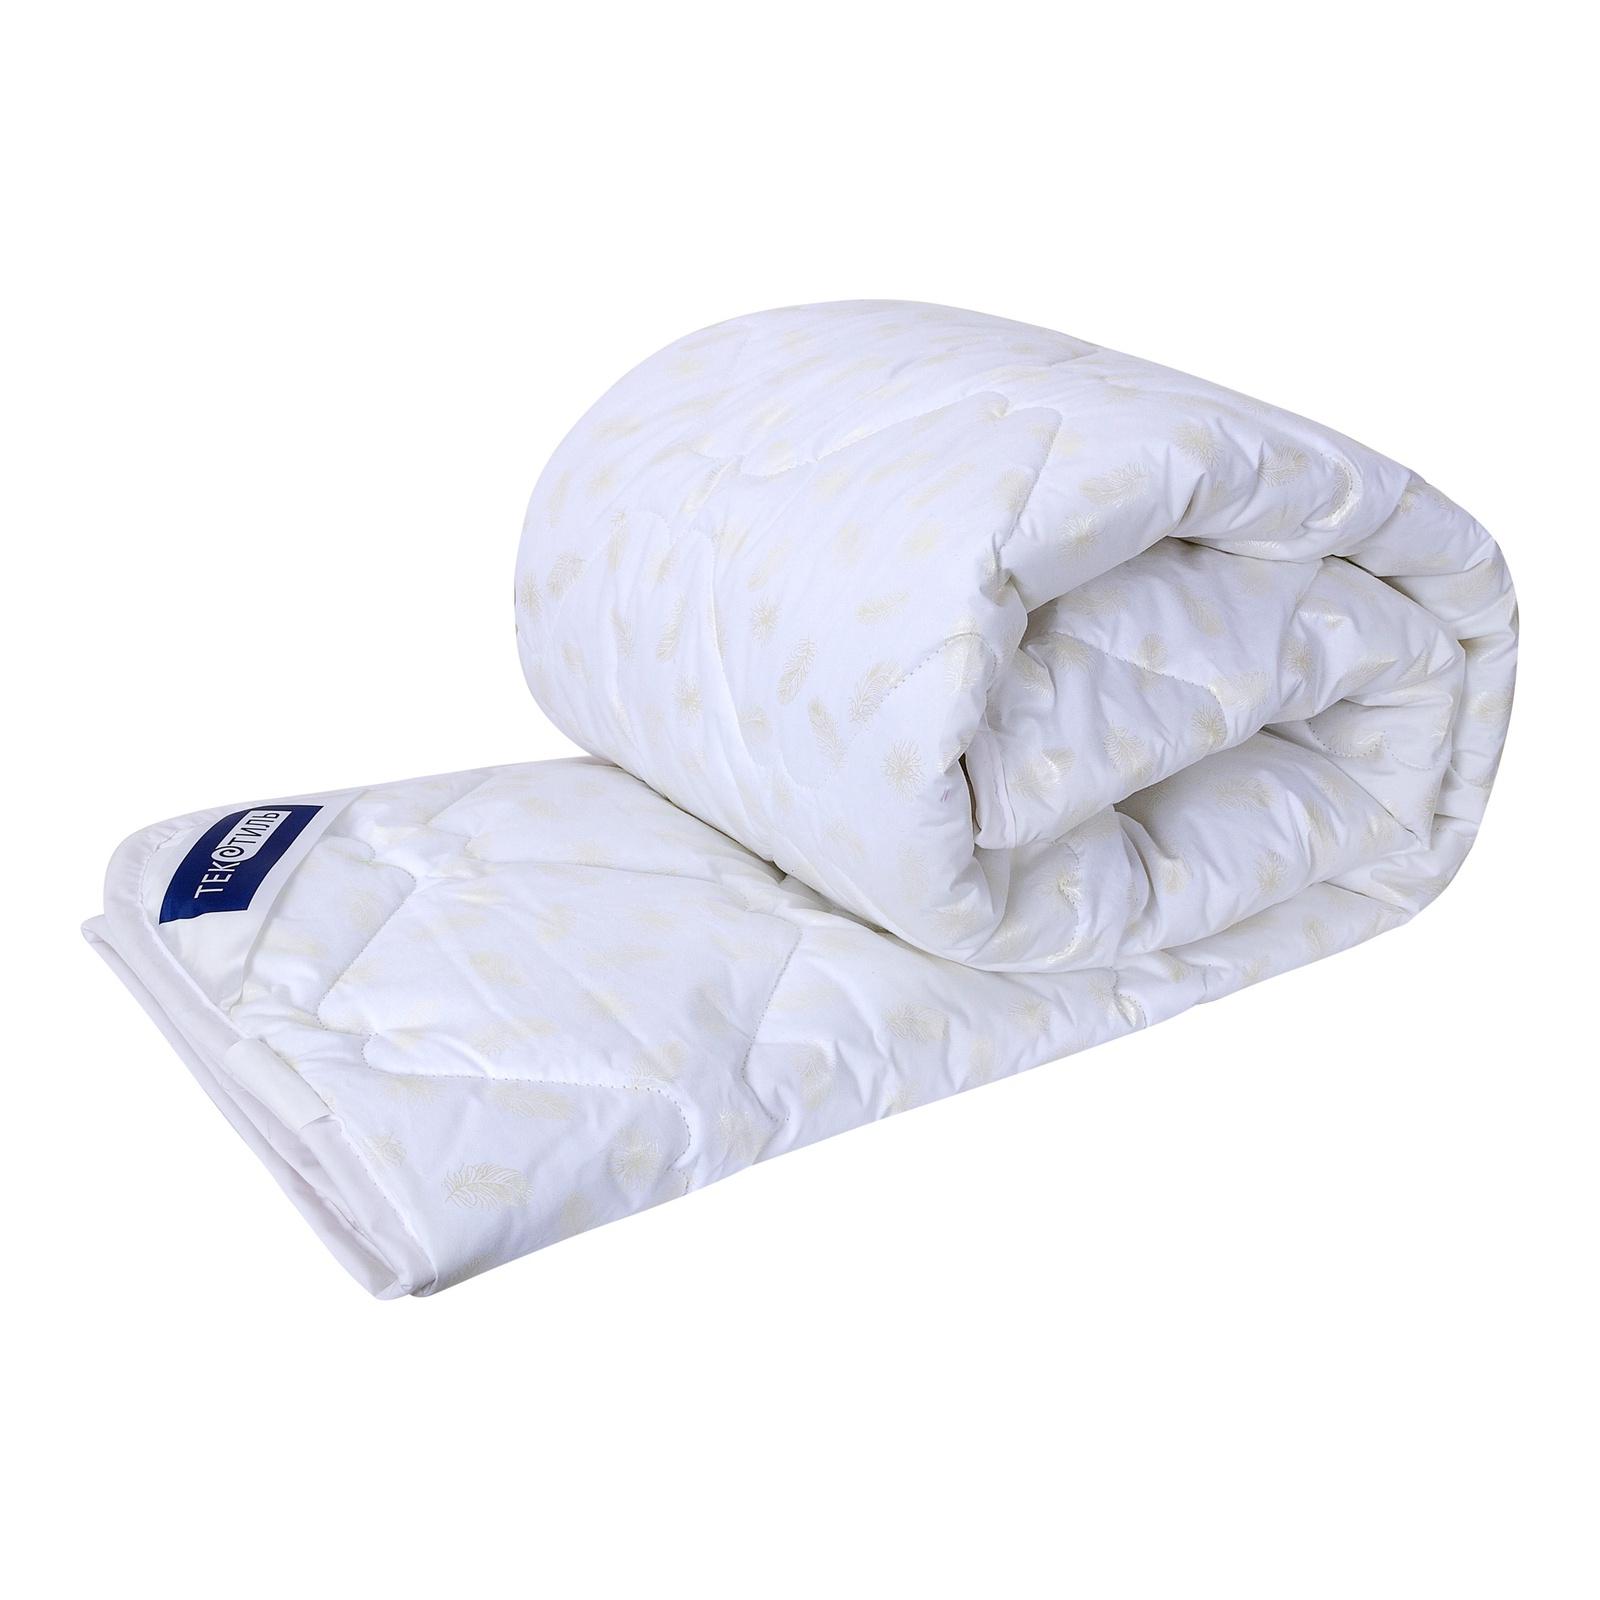 Одеяло ТекСтиль Лебяжий пух, 170х205 одеяла la prima одеяло бабочки цвет голубой 170х205 см